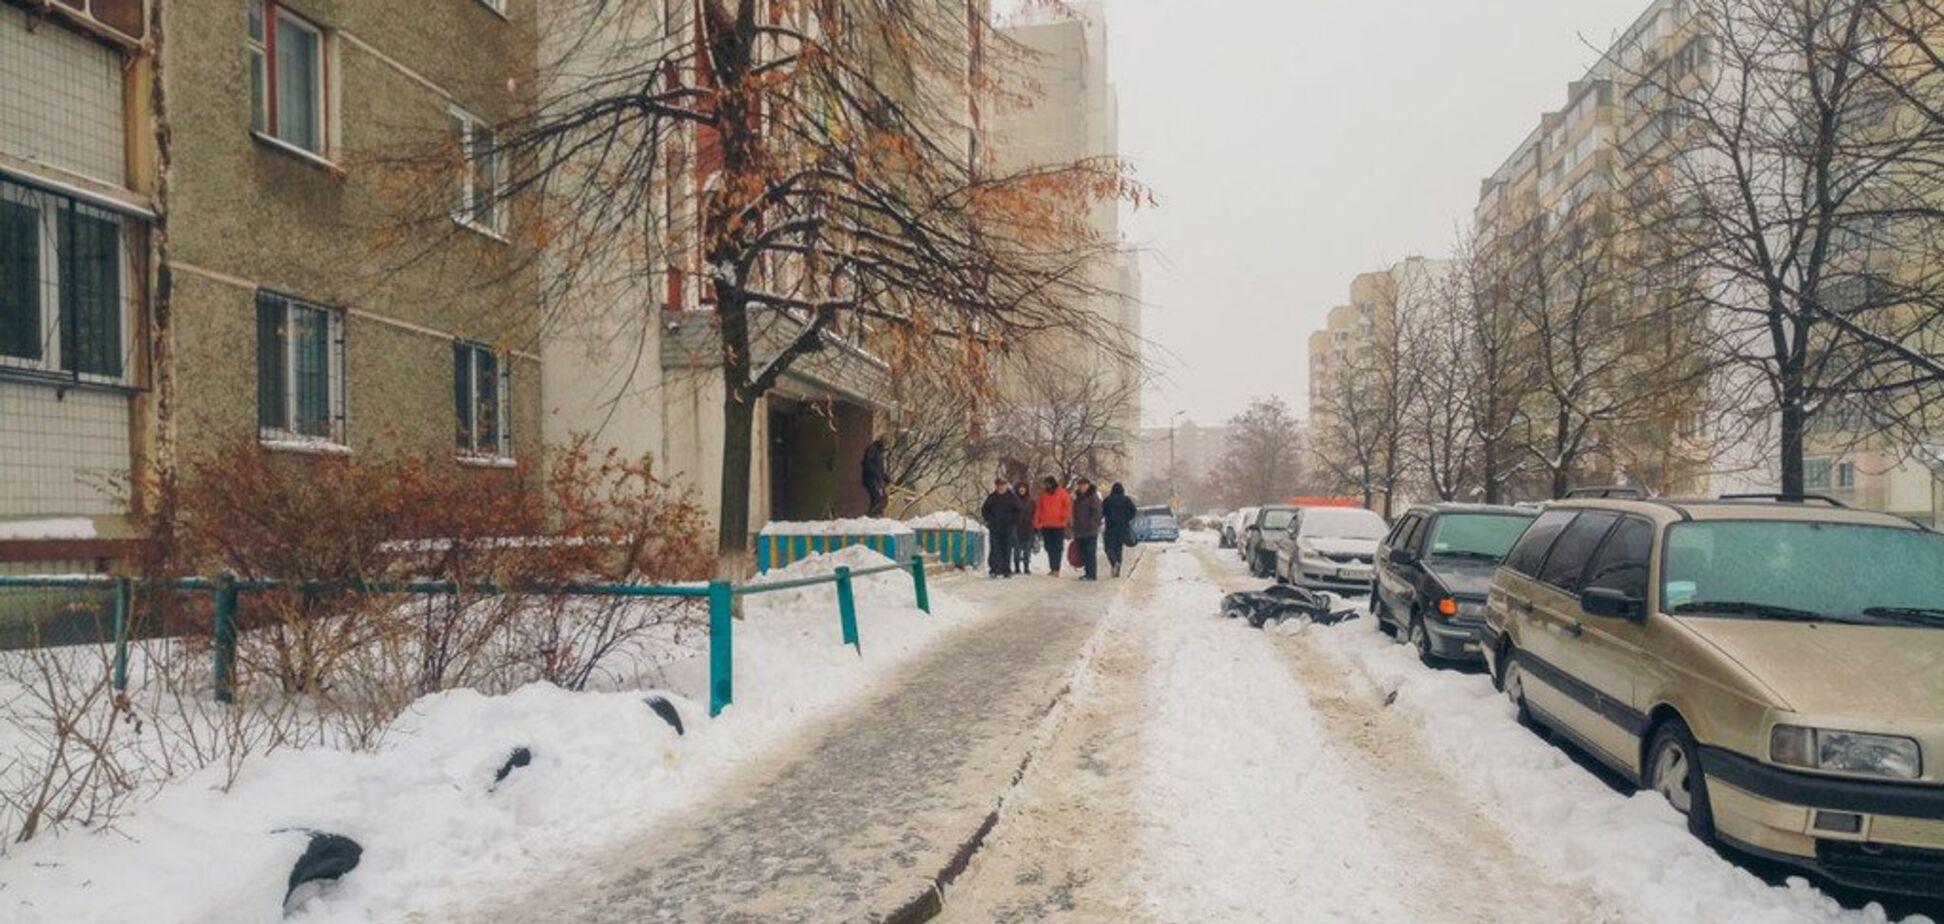 Через цькування на роботі: у Києві чоловік вистрибнув з вікна багатоповерхівки